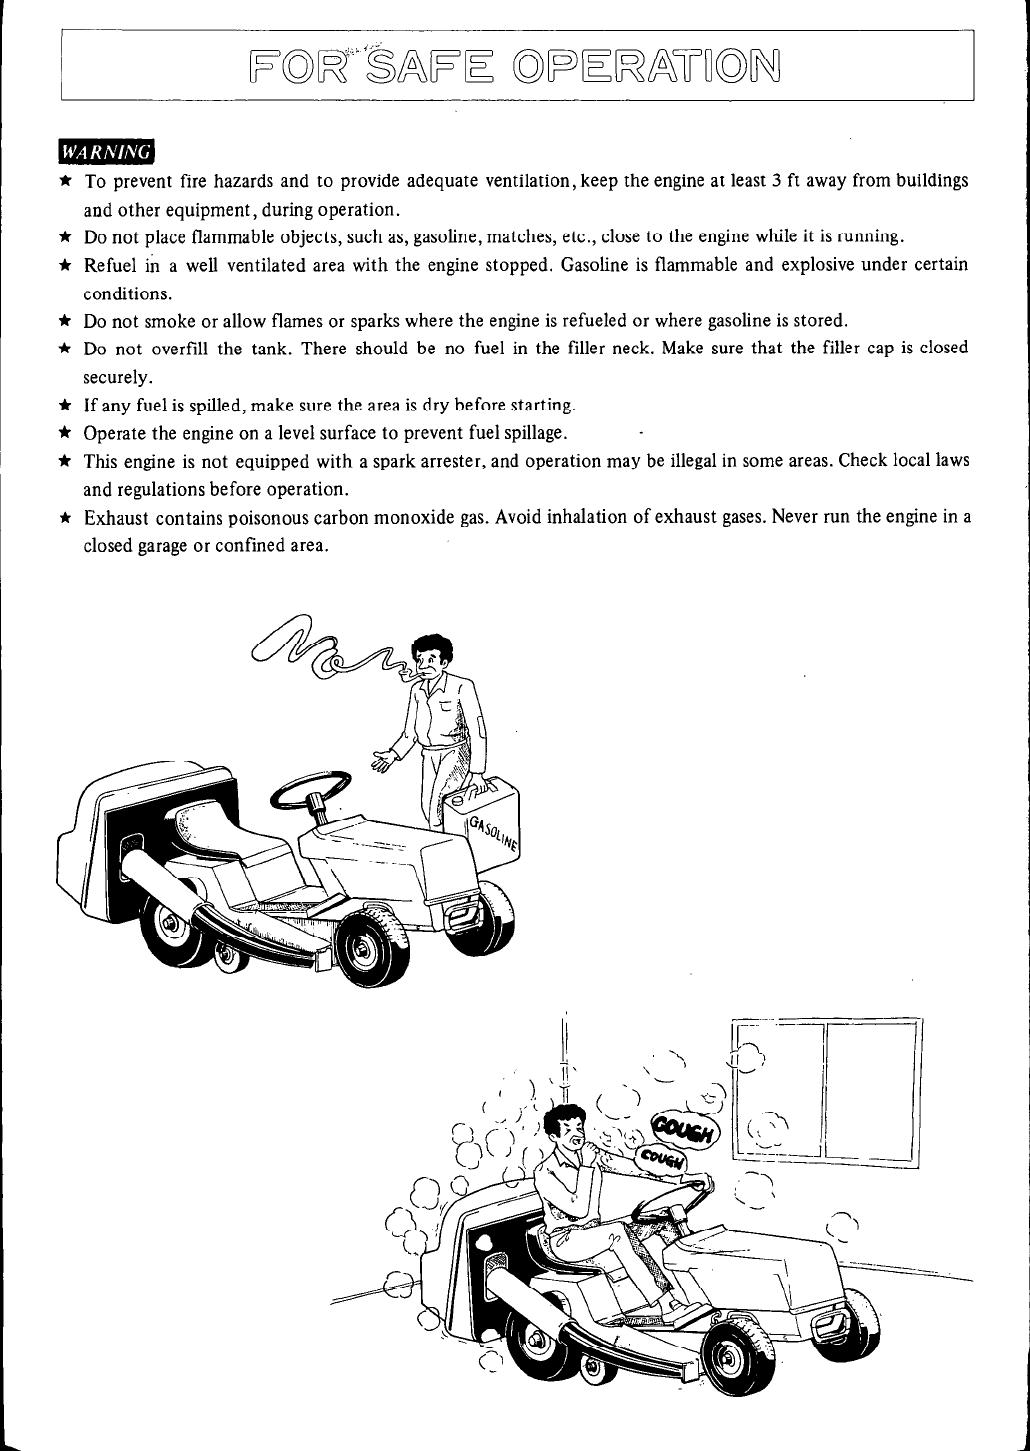 Honda Gv400 Owners Manual Wiring Diagram Tamw